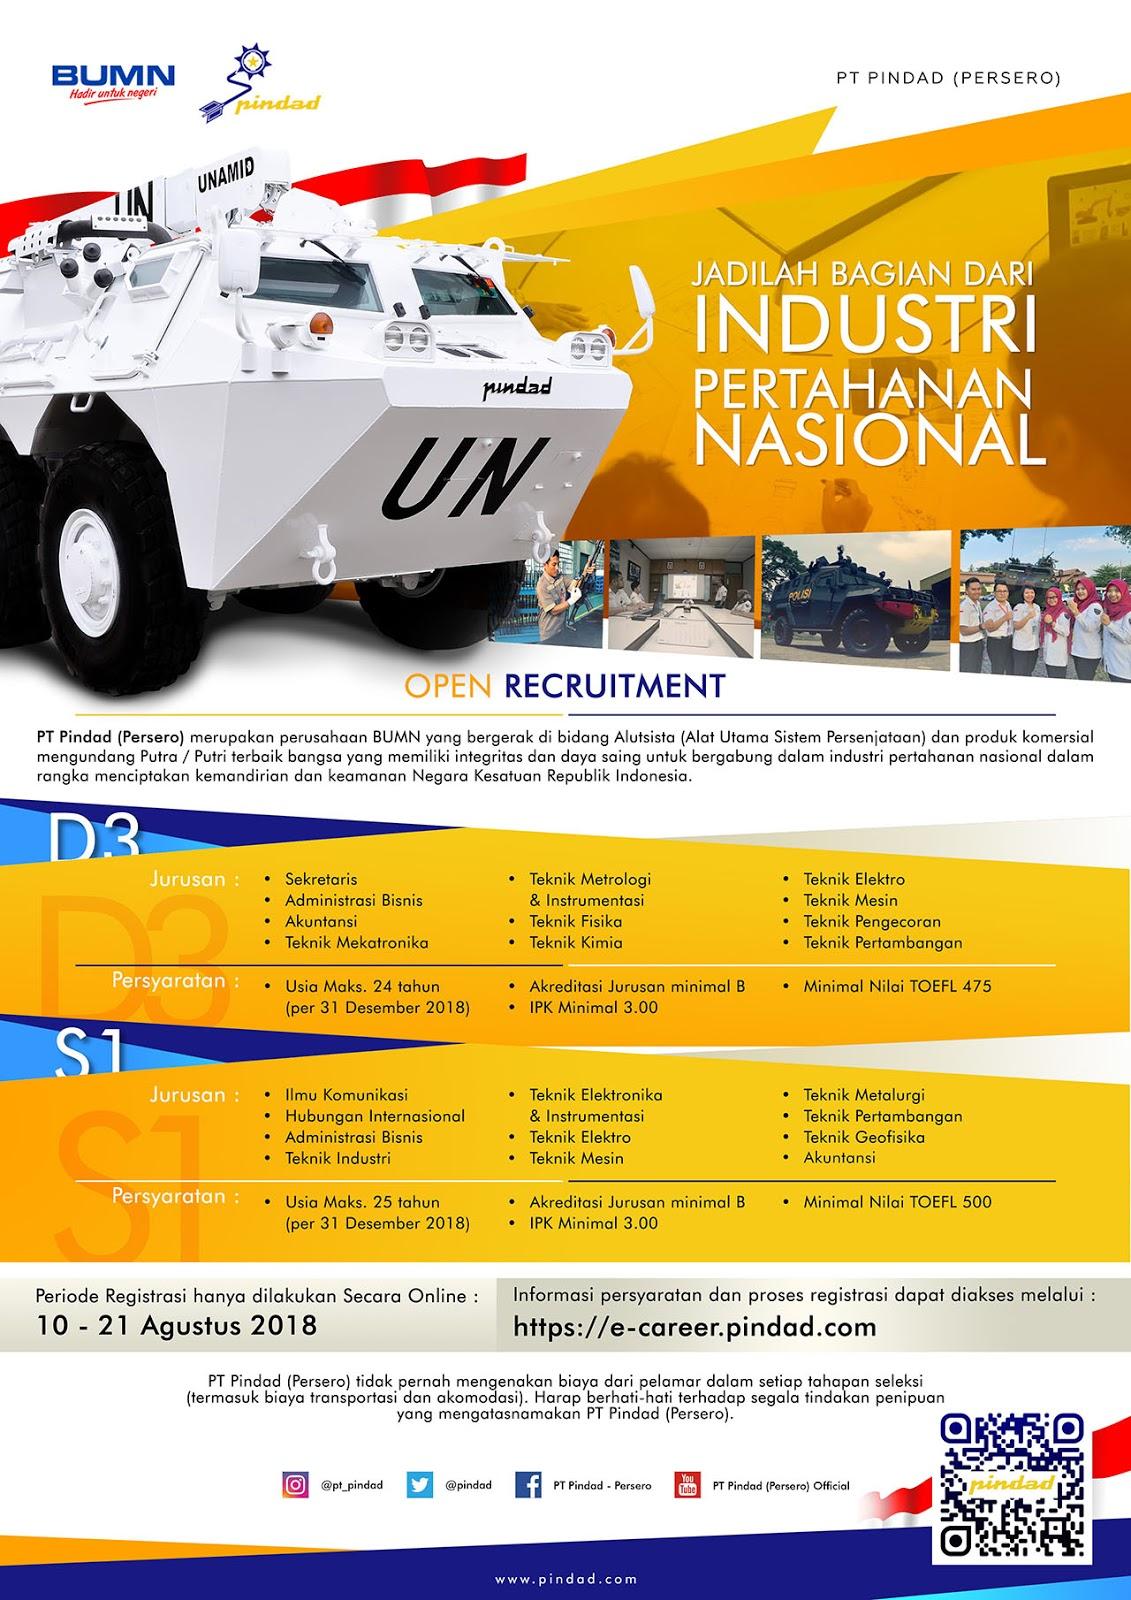 Lowongan Kerja BUMN PT Pindad (Persero) Tingkat D3/S1